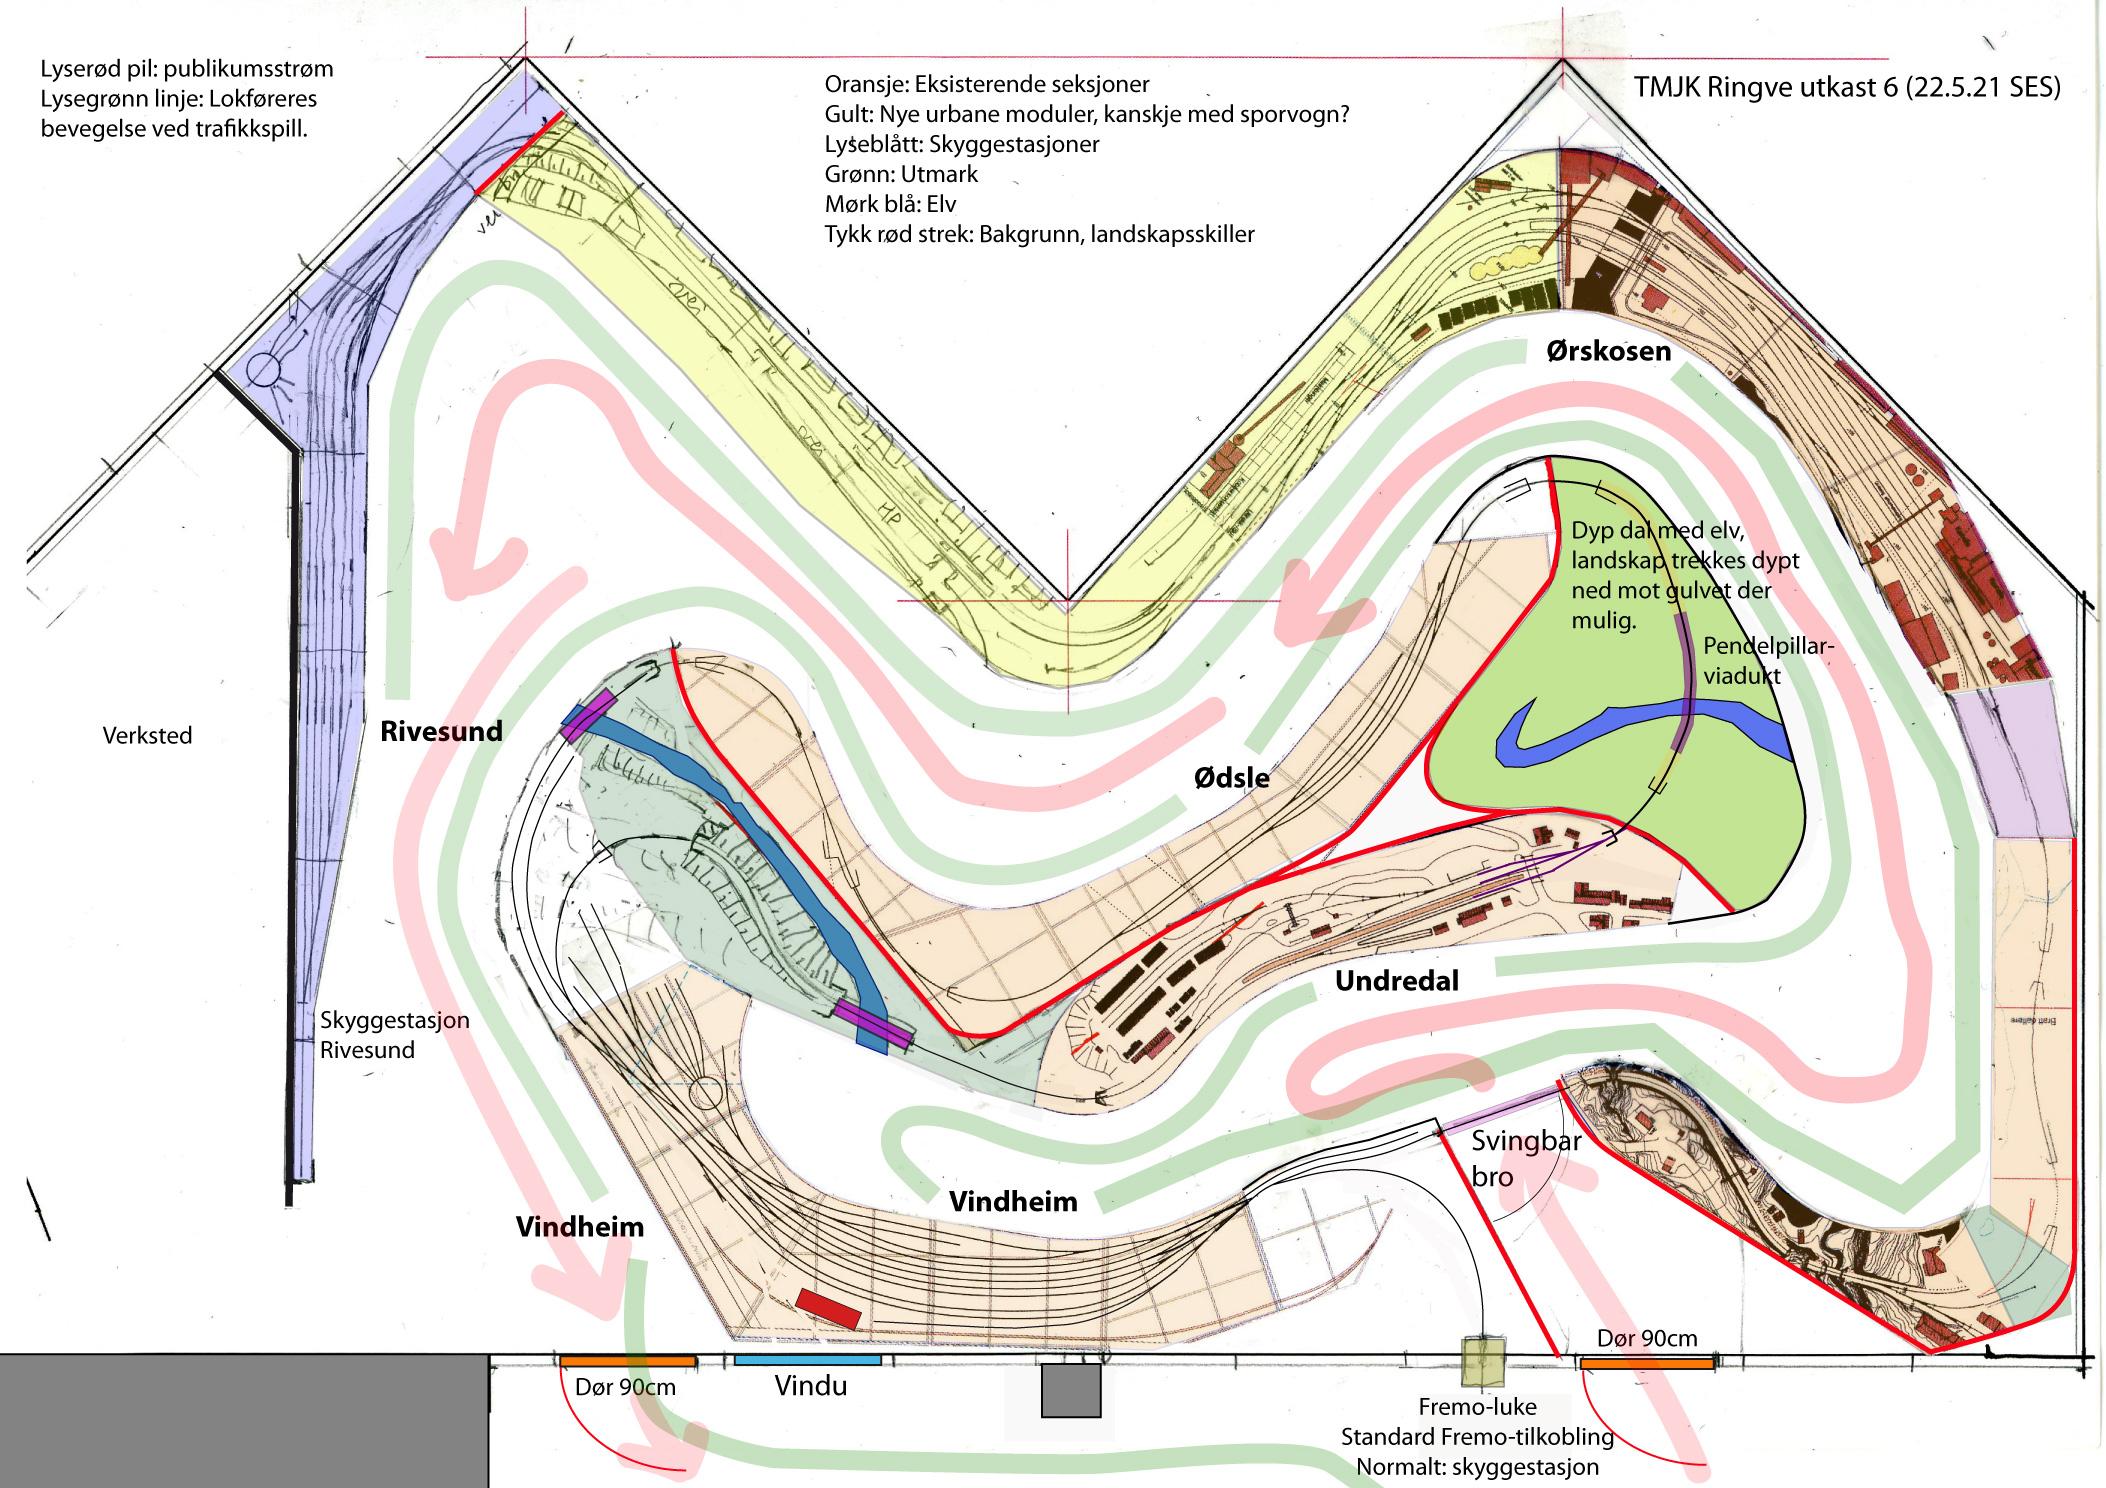 Planlegging av Ringveanlegget